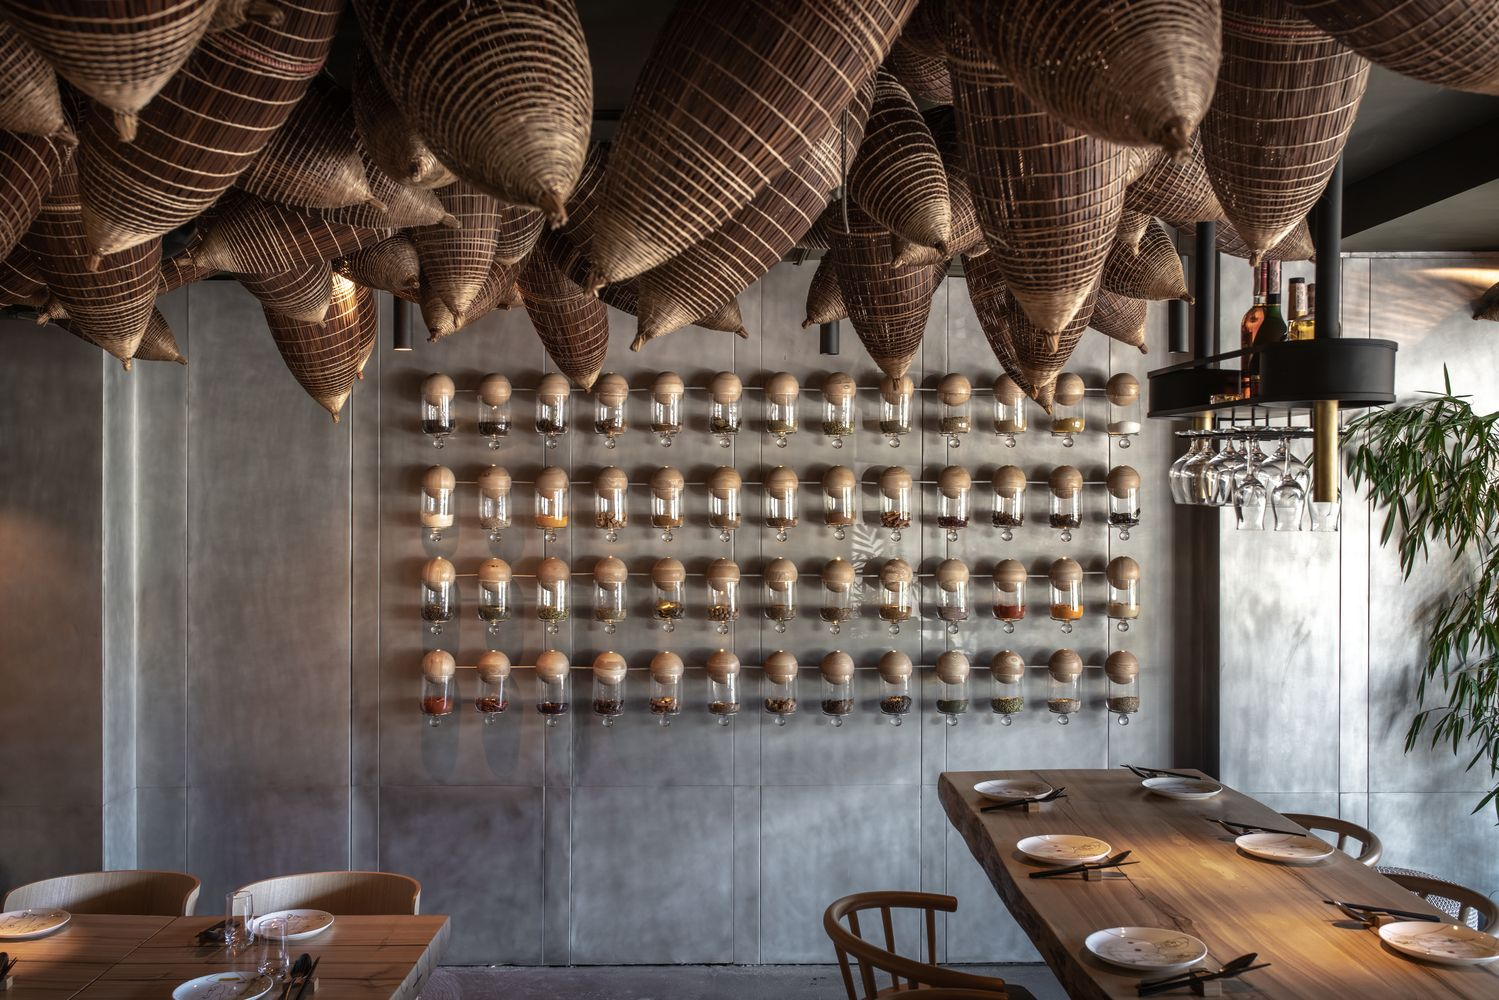 Gallery Of Spicy Nospicy Restaurant Yod Design Lab 4 In 2020 Bar Design Awards Bar Design Restaurant Bar Design